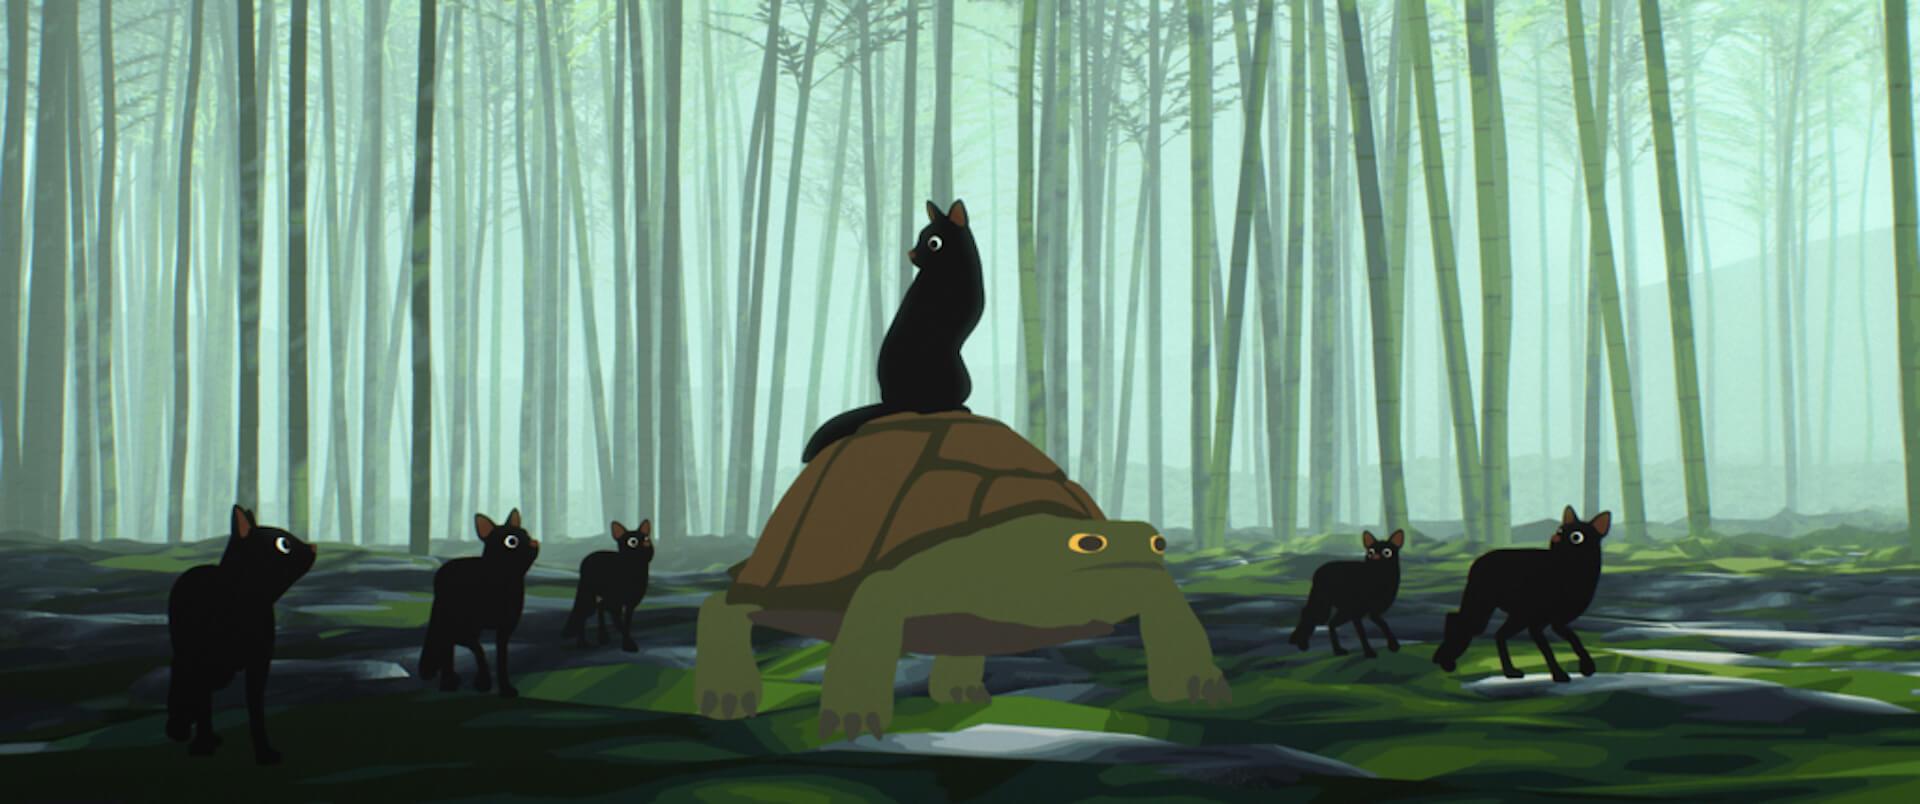 世界の映画祭で大絶賛のアニメーション映画『Away』の本編映像が到着!たった一人で製作・監督・編集・音楽を担当した長編大作 film201201_away_01